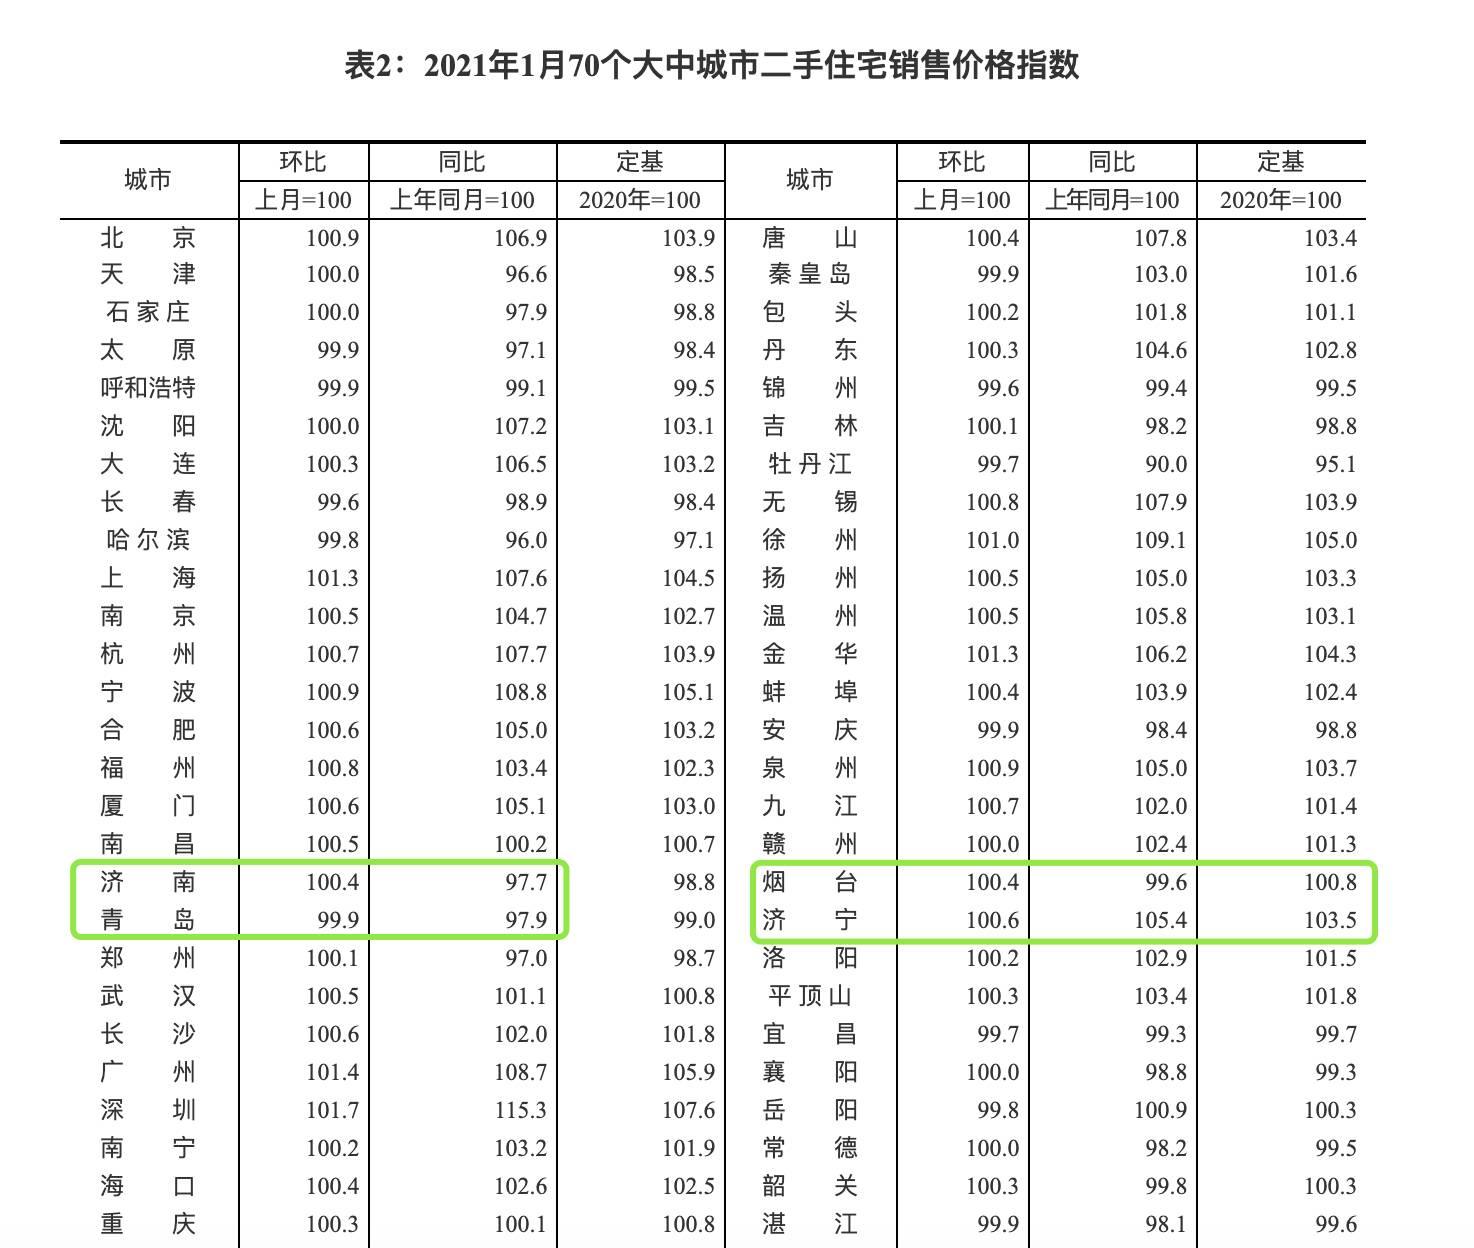 济南新房价格1月开始上涨 结束三连跌